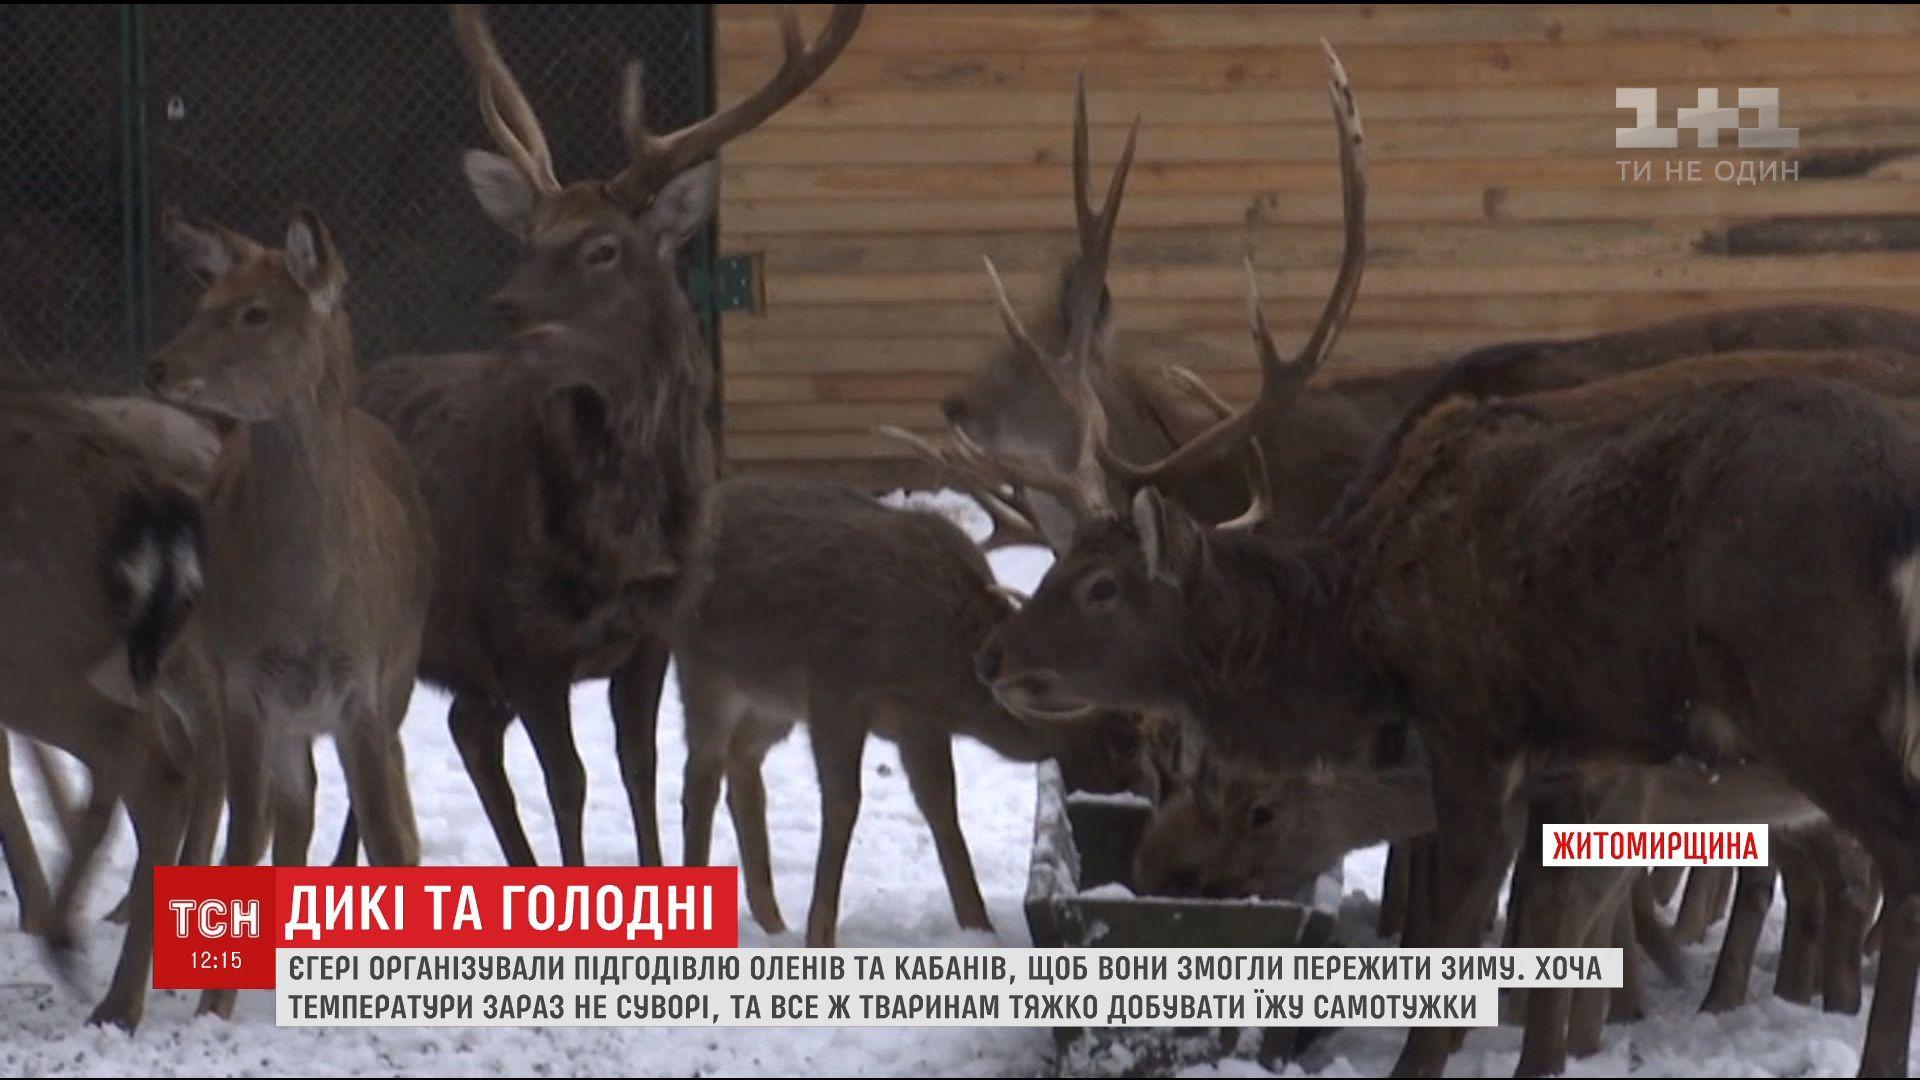 Єгері показали, як доглядають диких тварин узимку / Кадр з відео ТСН